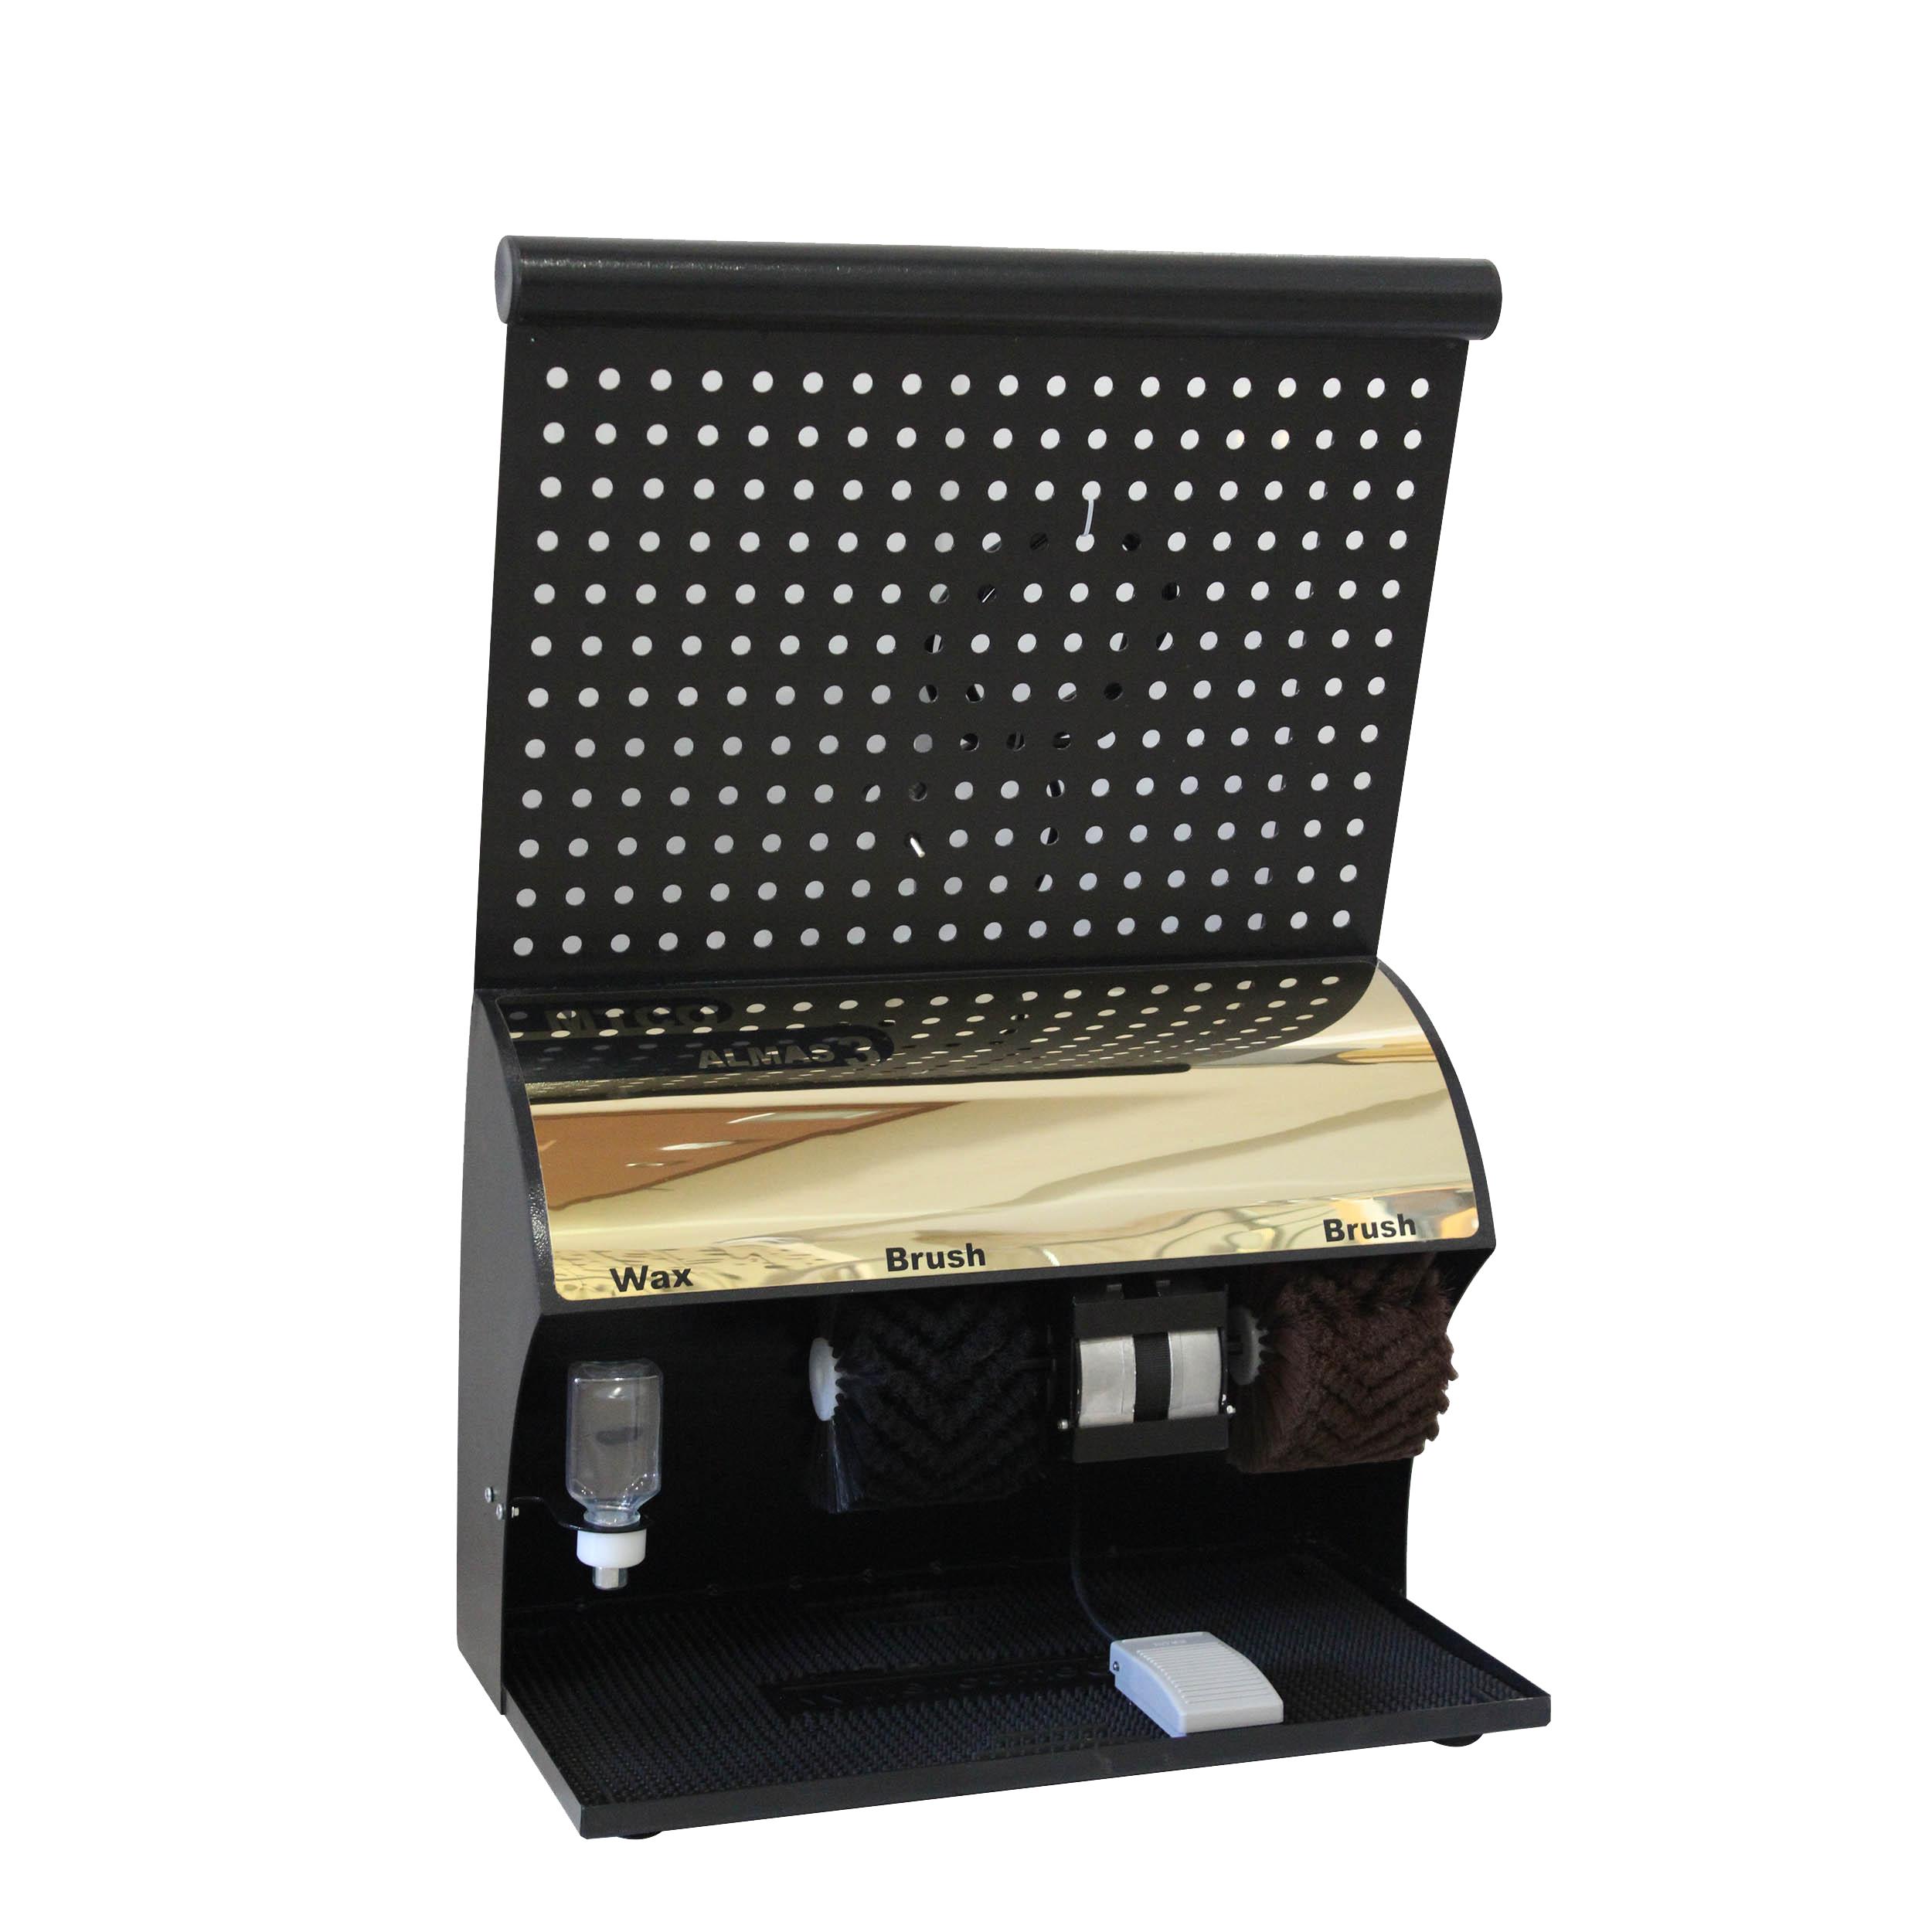 دستگاه واکس زن برقی ام تی کو مدل ۳